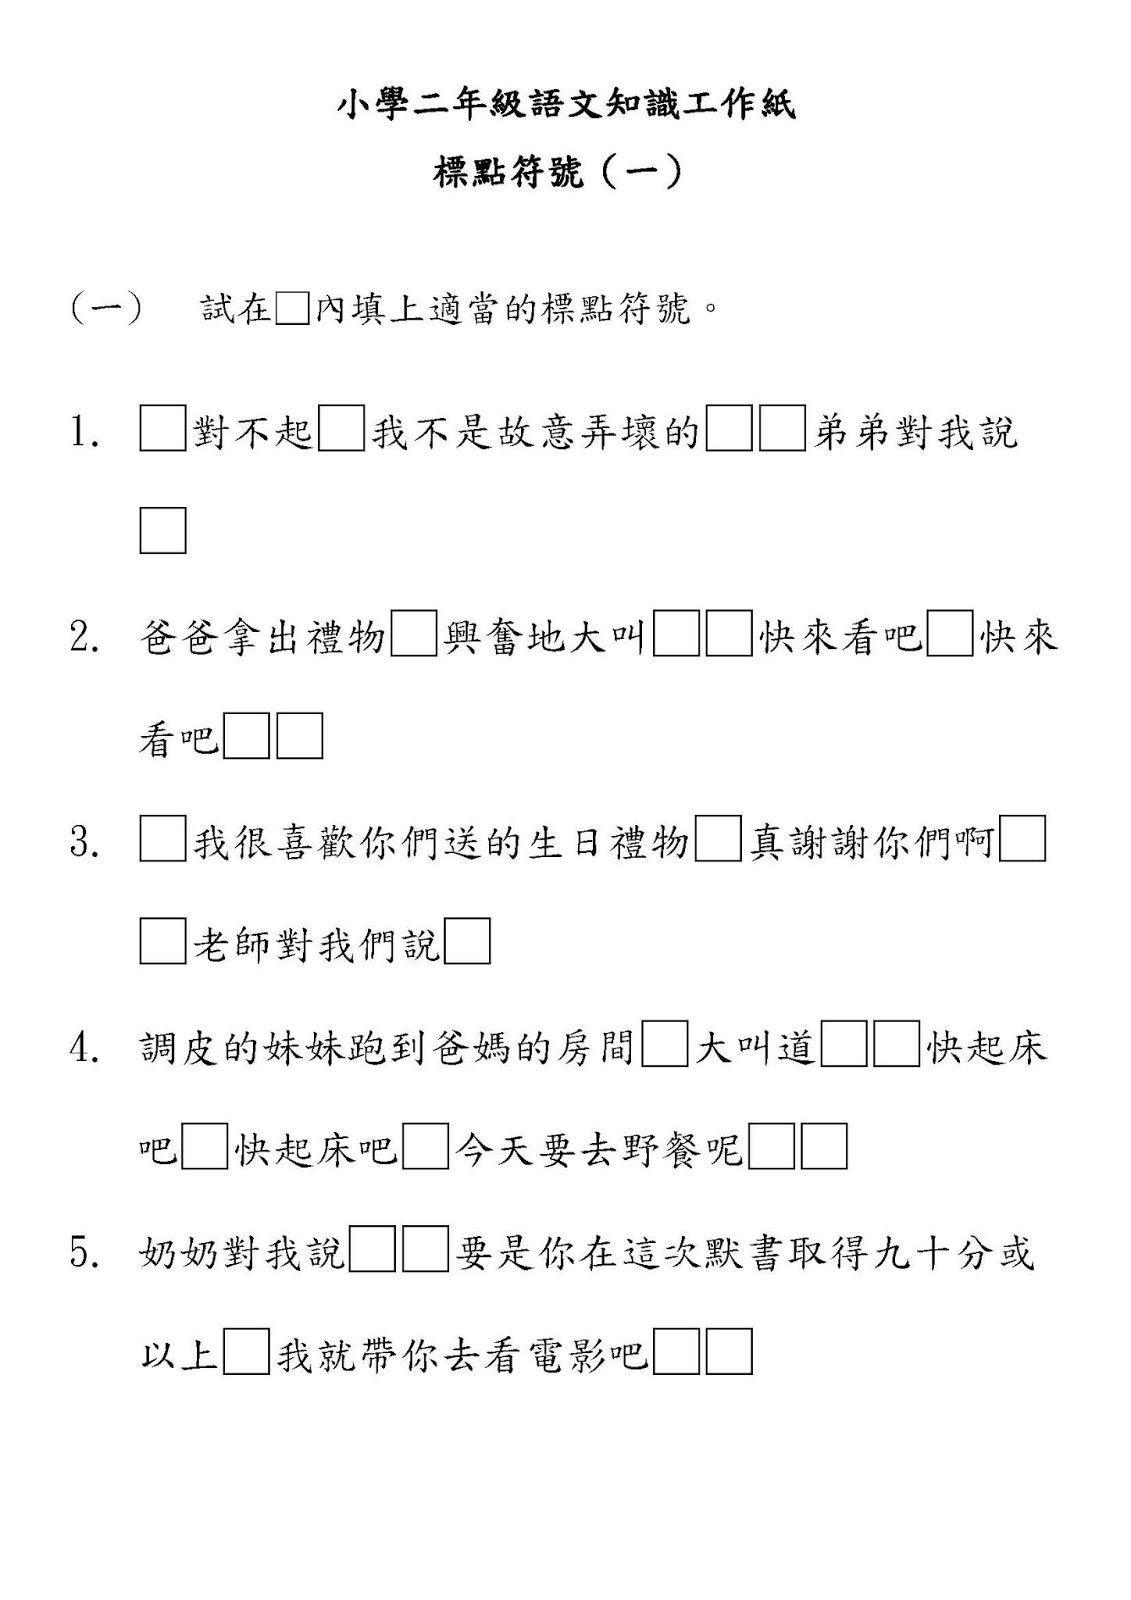 小二語文知識工作紙:標點符號(一)|中文工作紙|尤莉姐姐的反轉學堂